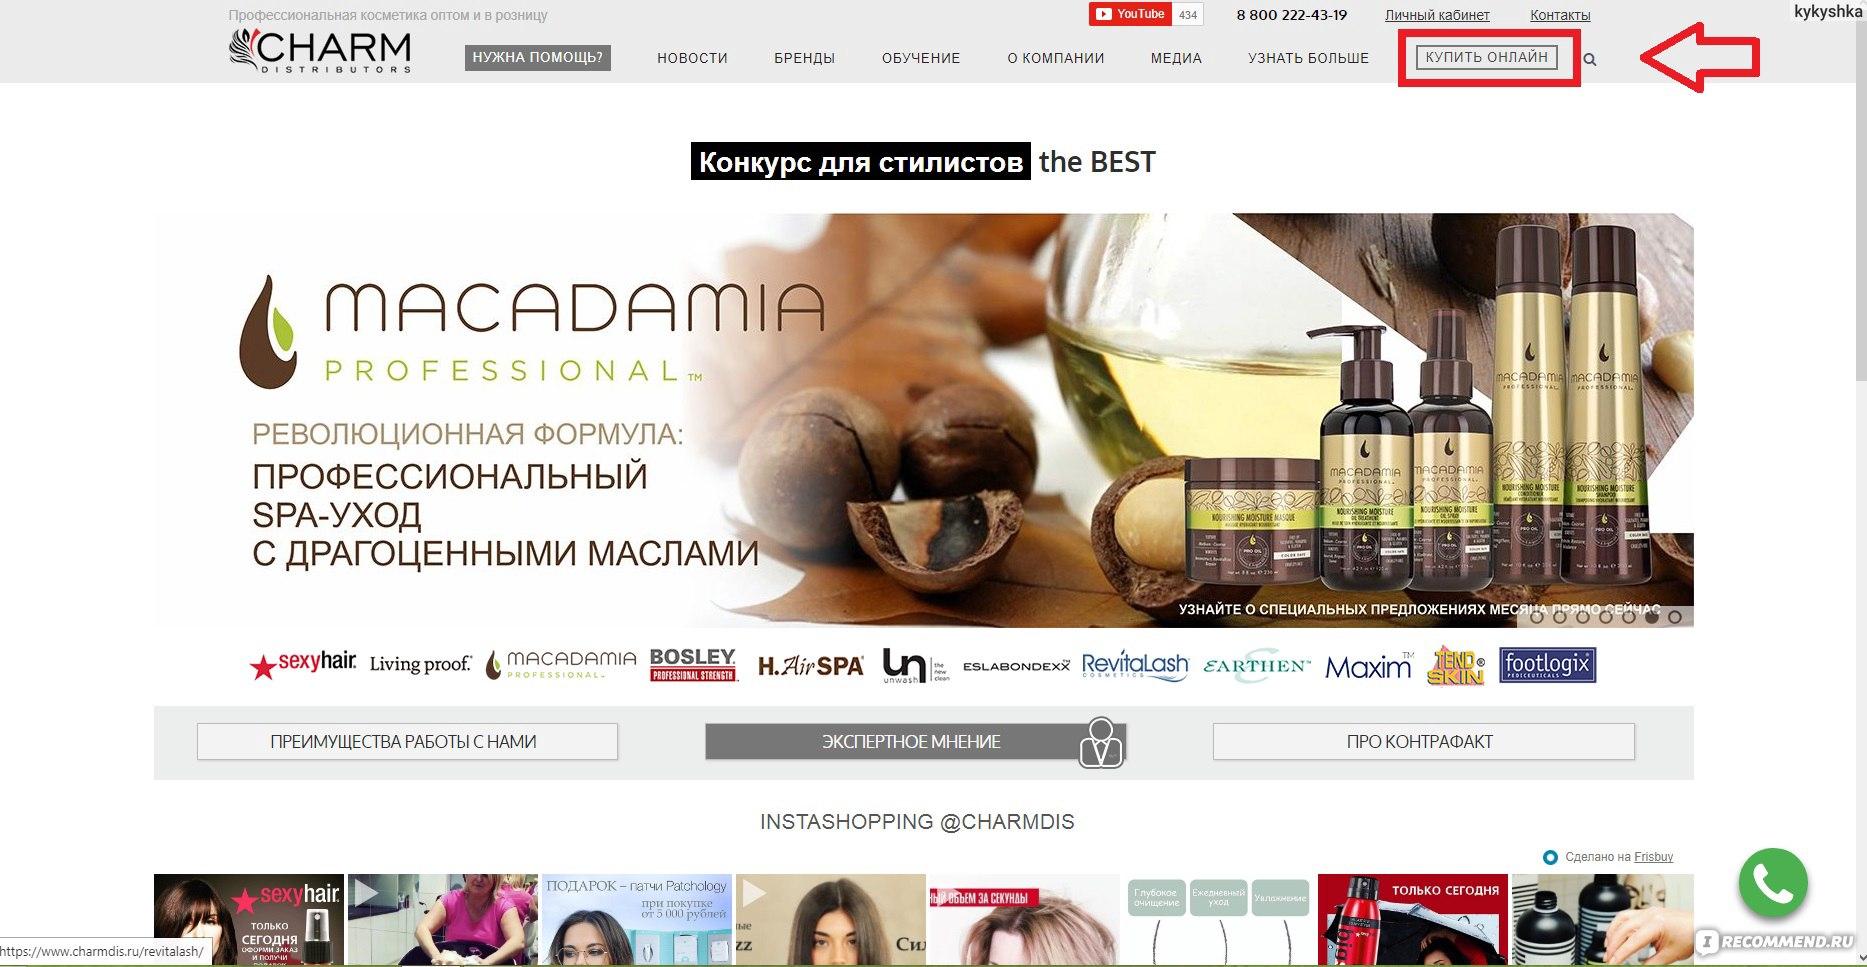 Официальный дистрибьютер профессиональной косметики